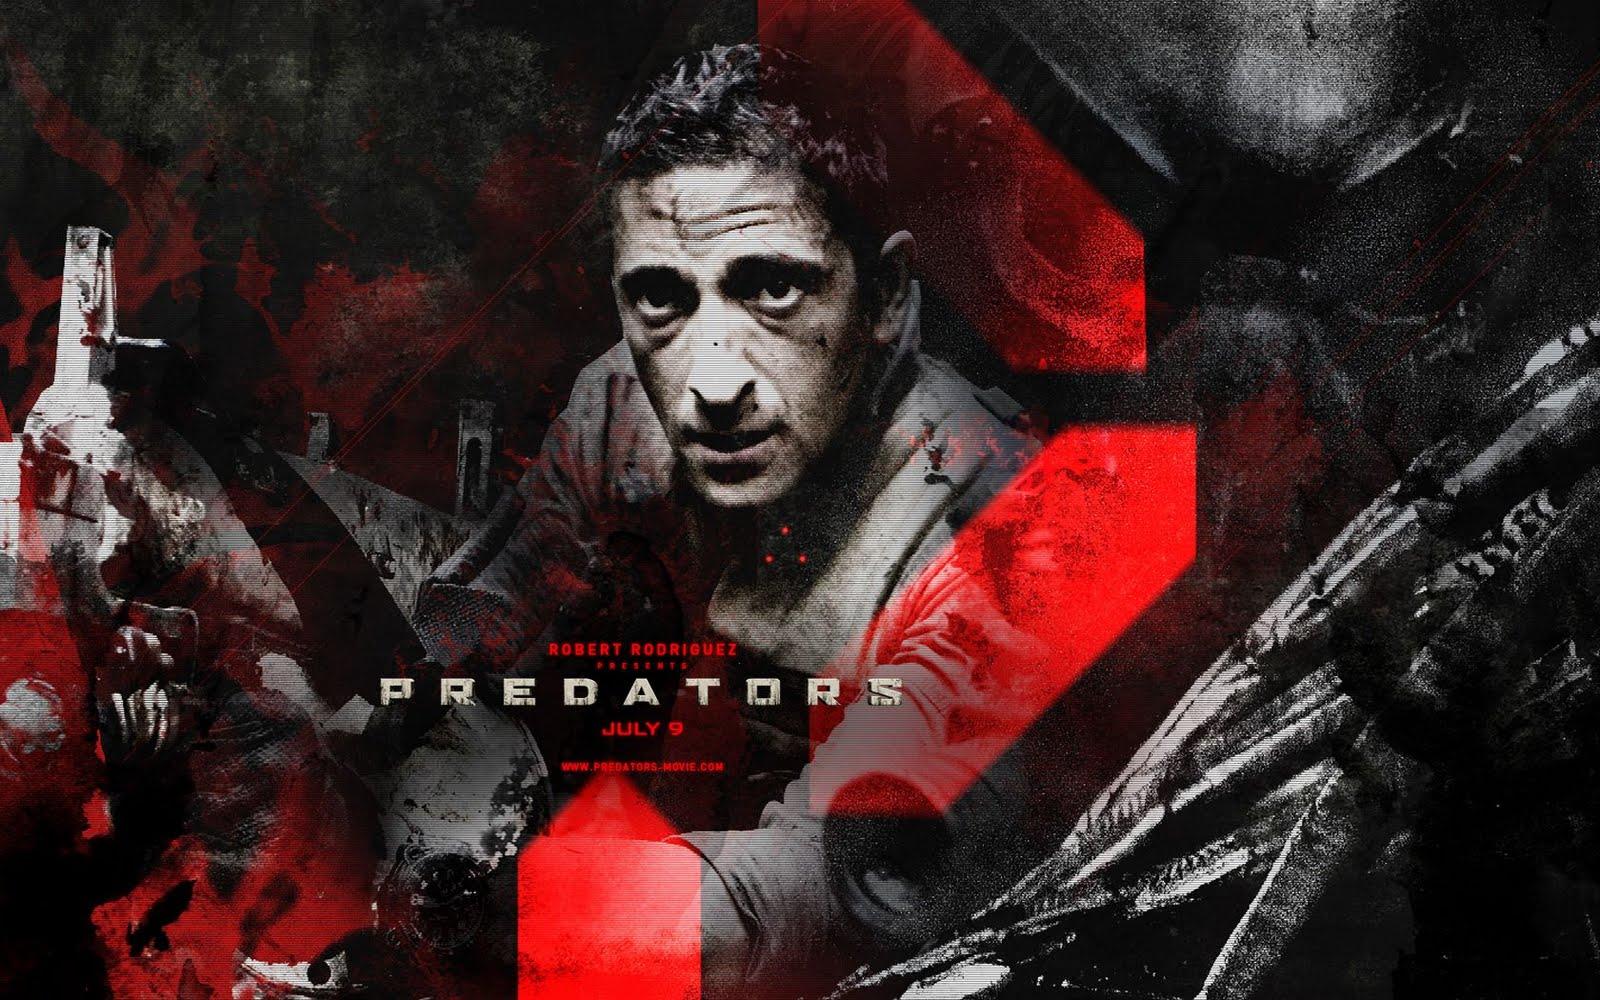 http://1.bp.blogspot.com/_JMdl-D4Jq6w/S_UEToCX-gI/AAAAAAAAK6c/5OLwVkRSgA8/s1600/2010_predators_wallpaper_001.jpg